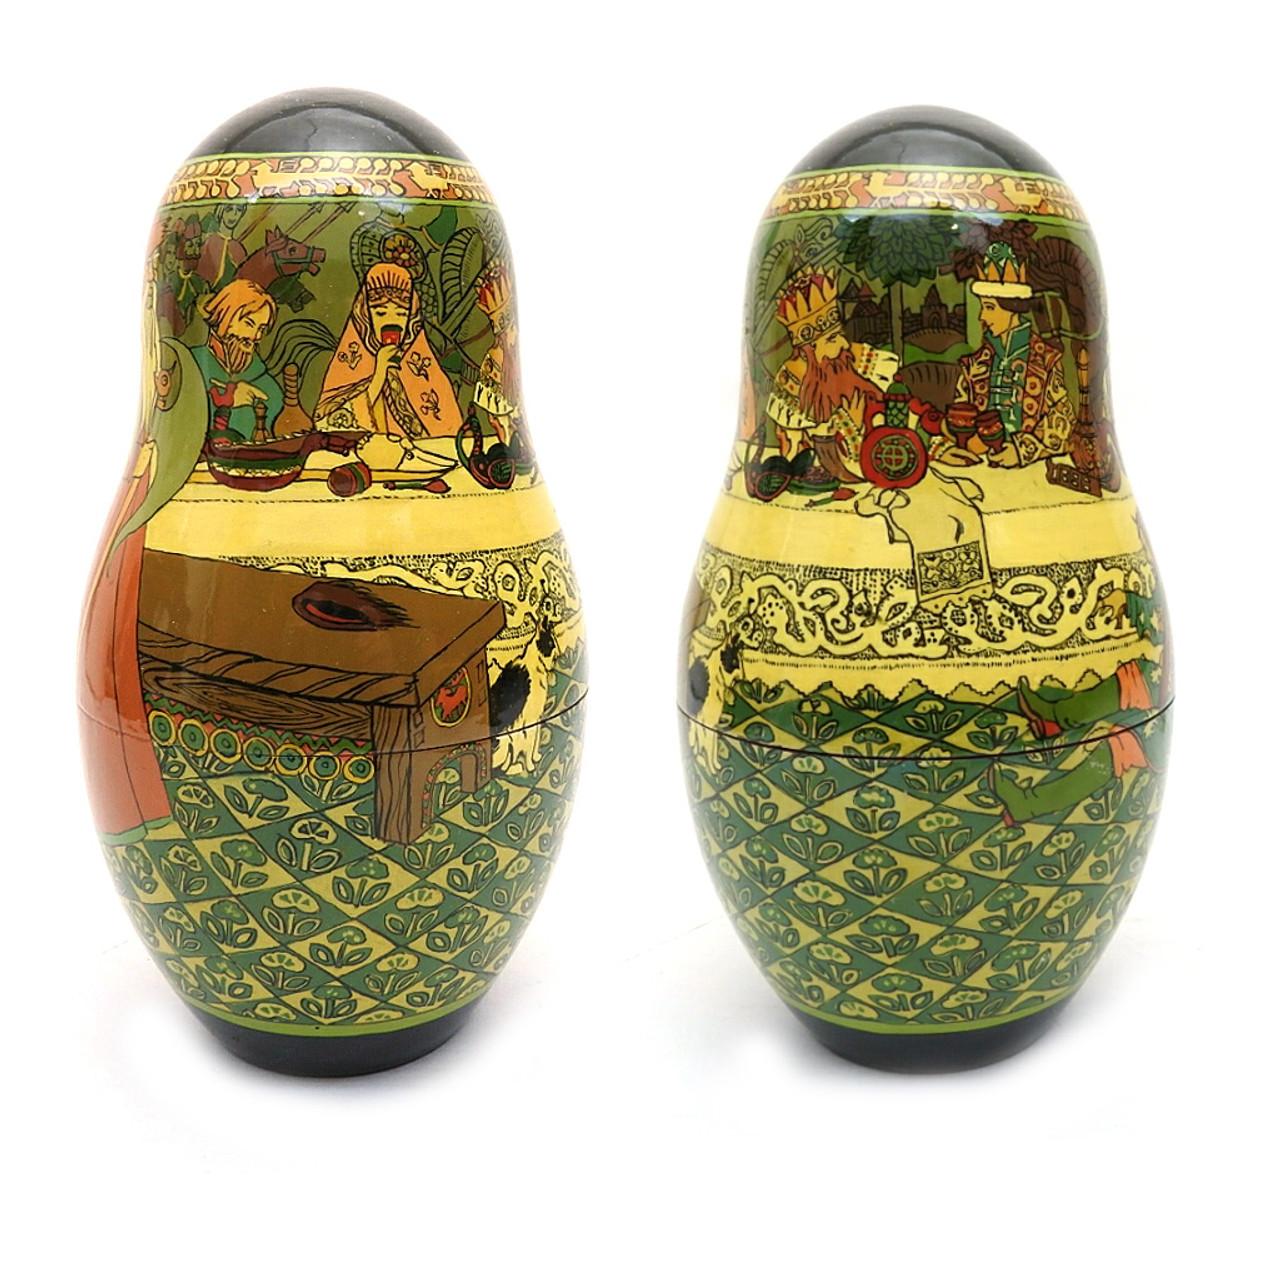 Tsar Saltan Bilibin Artistic Matryoshka   2nd Doll Front and Back